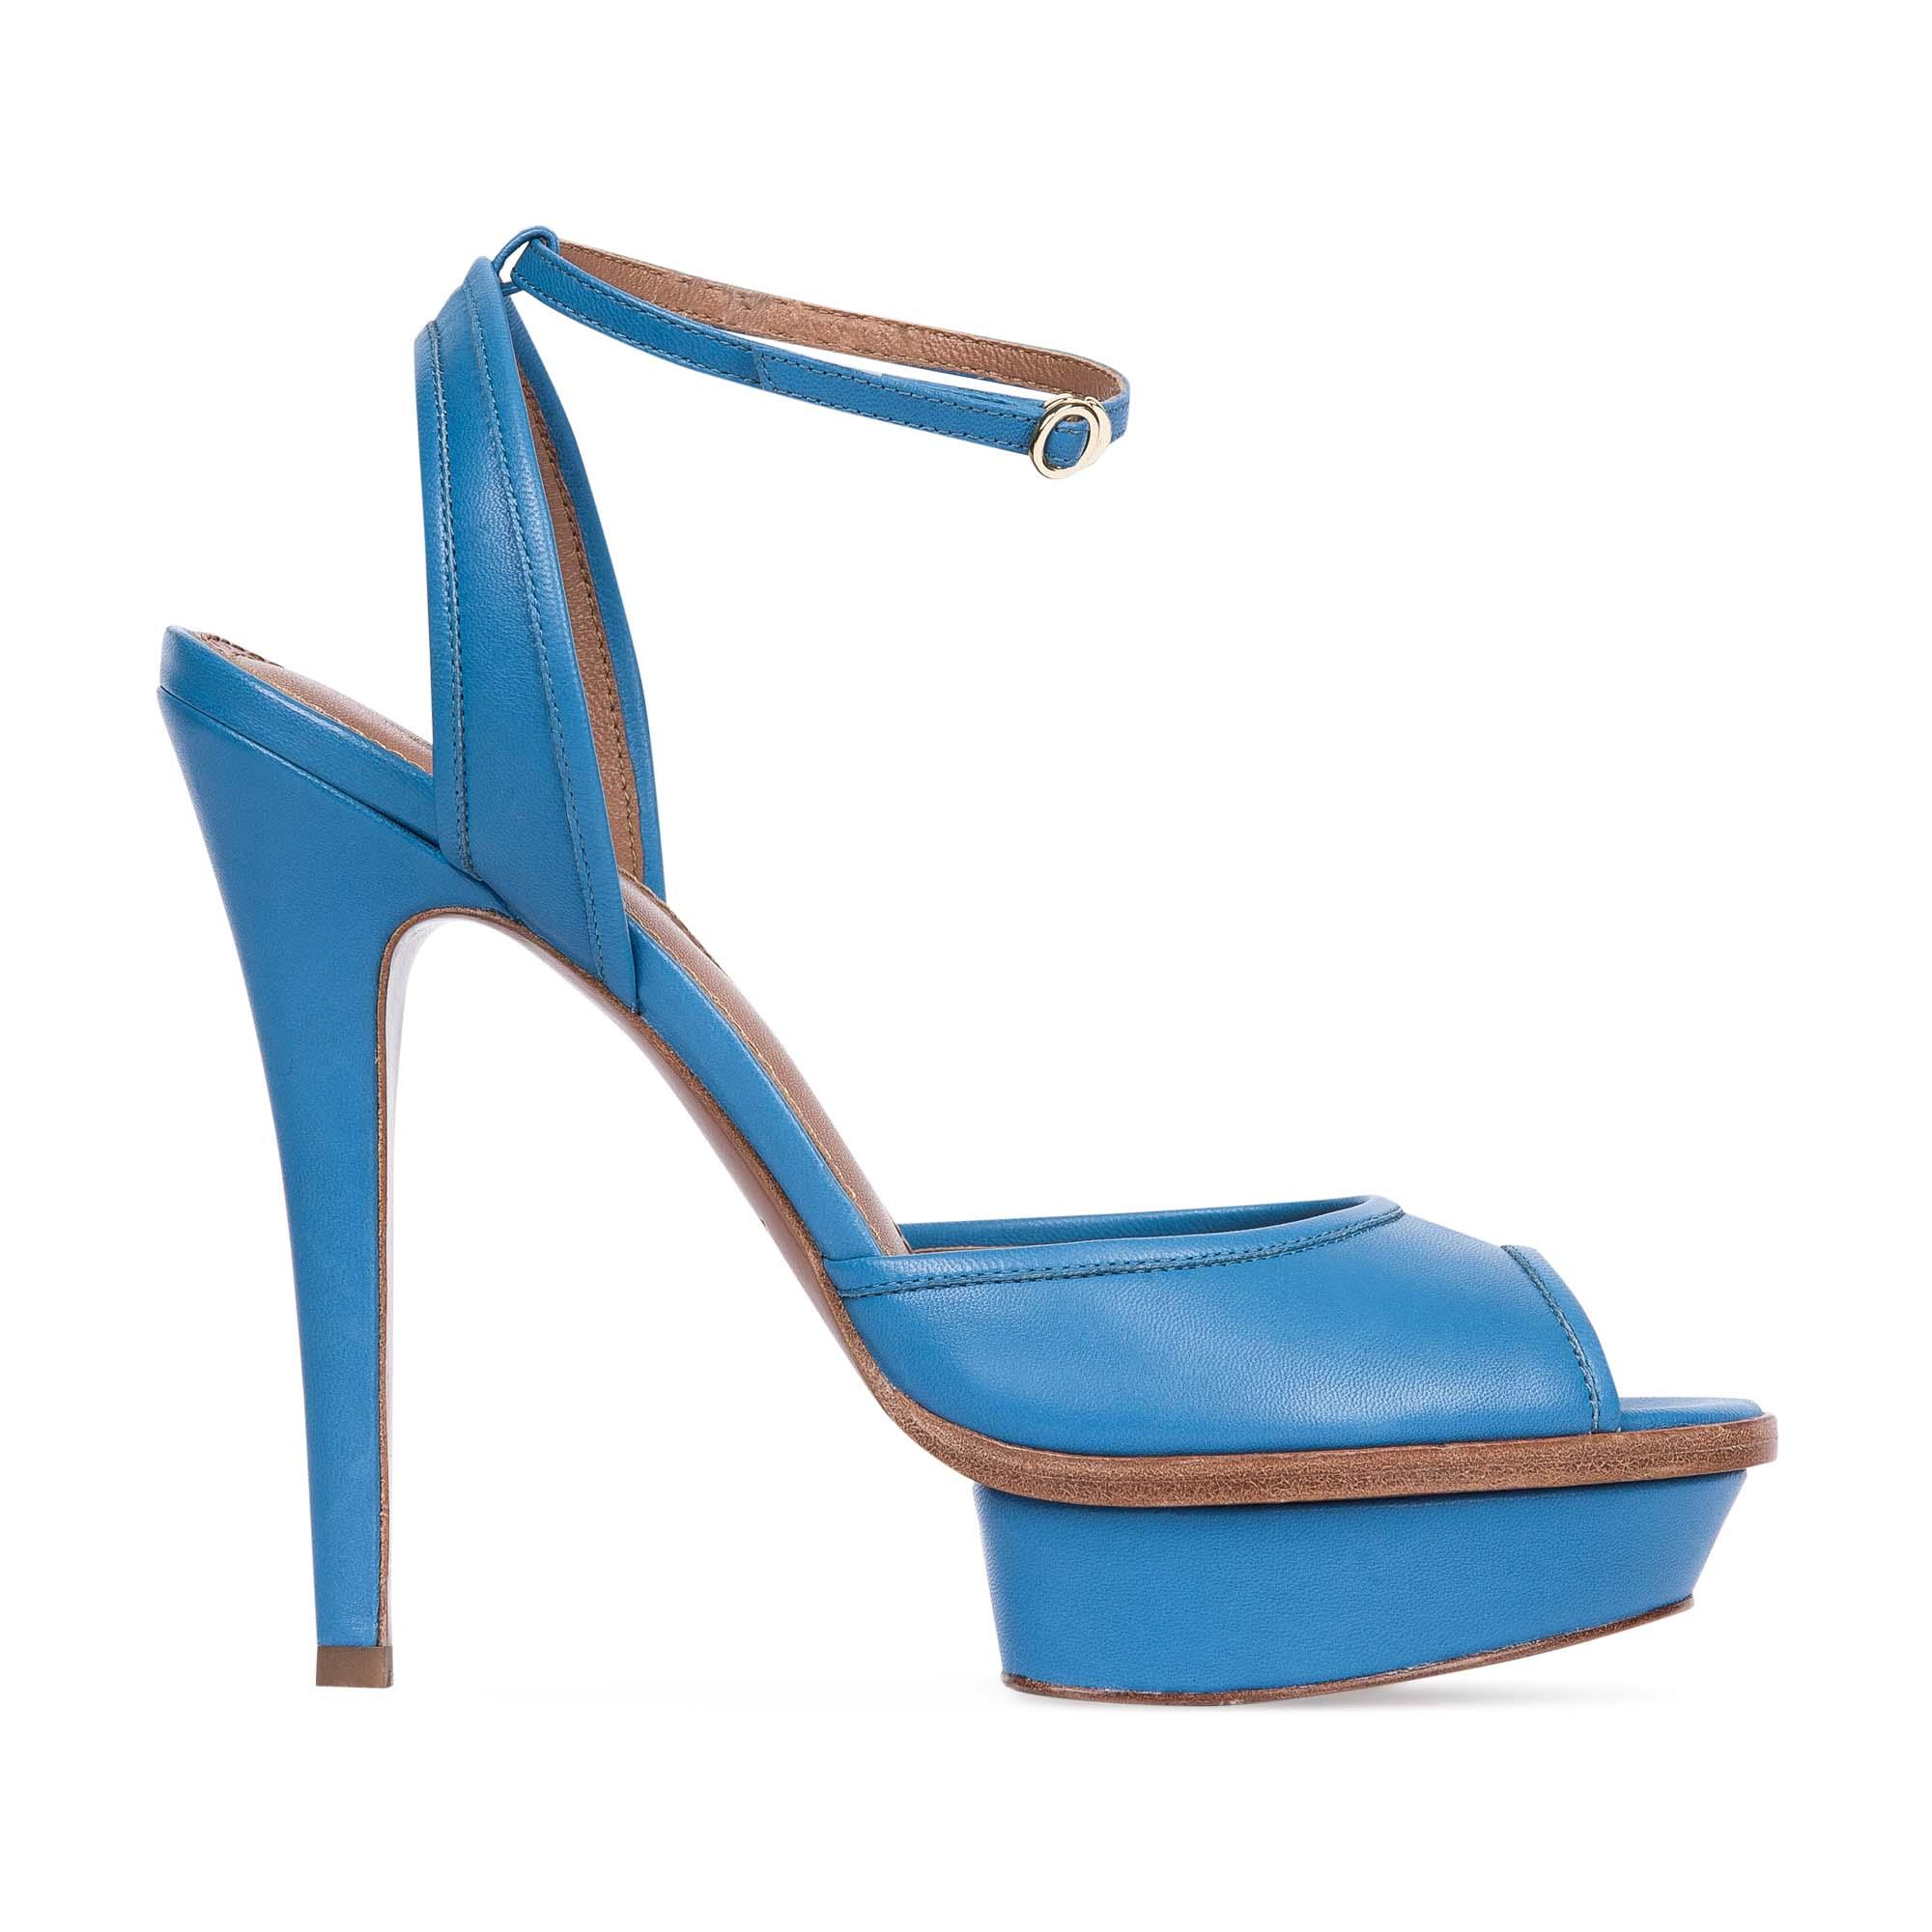 Босоножки из кожи лазурного цвета на высоком каблукеБосоножки женские<br><br>Материал верха: Кожа<br>Материал подкладки: Кожа<br>Материал подошвы: Кожа<br>Цвет: Голубой<br>Высота каблука: 13 см<br>Дизайн: Италия<br>Страна производства: Китай<br><br>Высота каблука: 13 см<br>Материал верха: Кожа<br>Материал подкладки: Кожа<br>Цвет: Голубой<br>Вес кг: 0.52600000<br>Размер обуви: 36.5